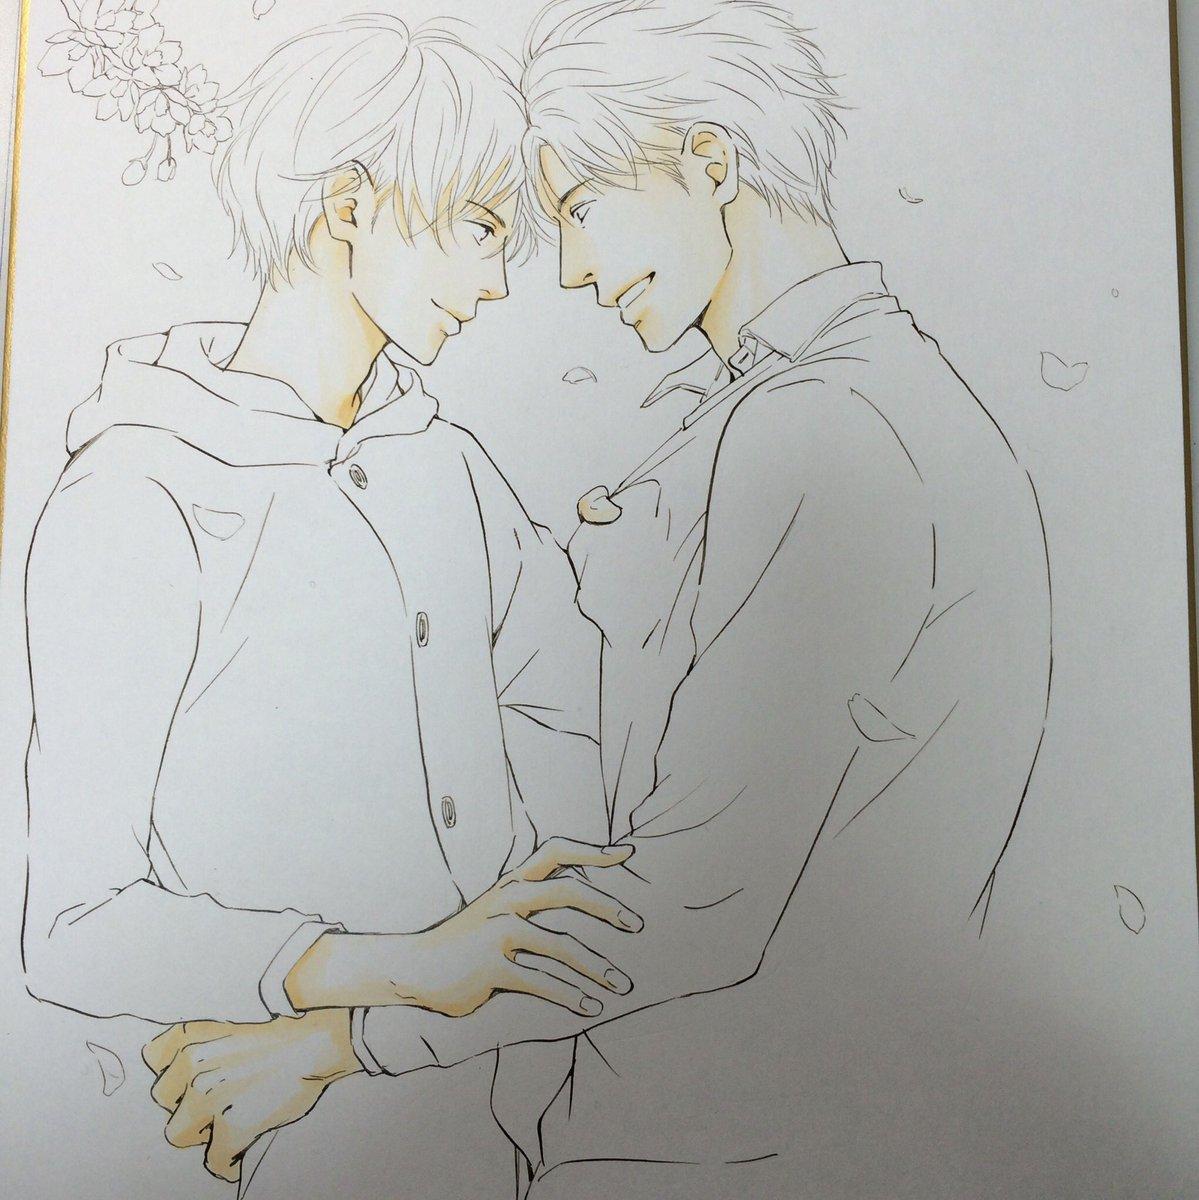 読者プレゼント用の色紙でした。下絵描いて、裏を鉛筆で塗って転写して下書きします。(色紙に直接下描きできない‥‥)